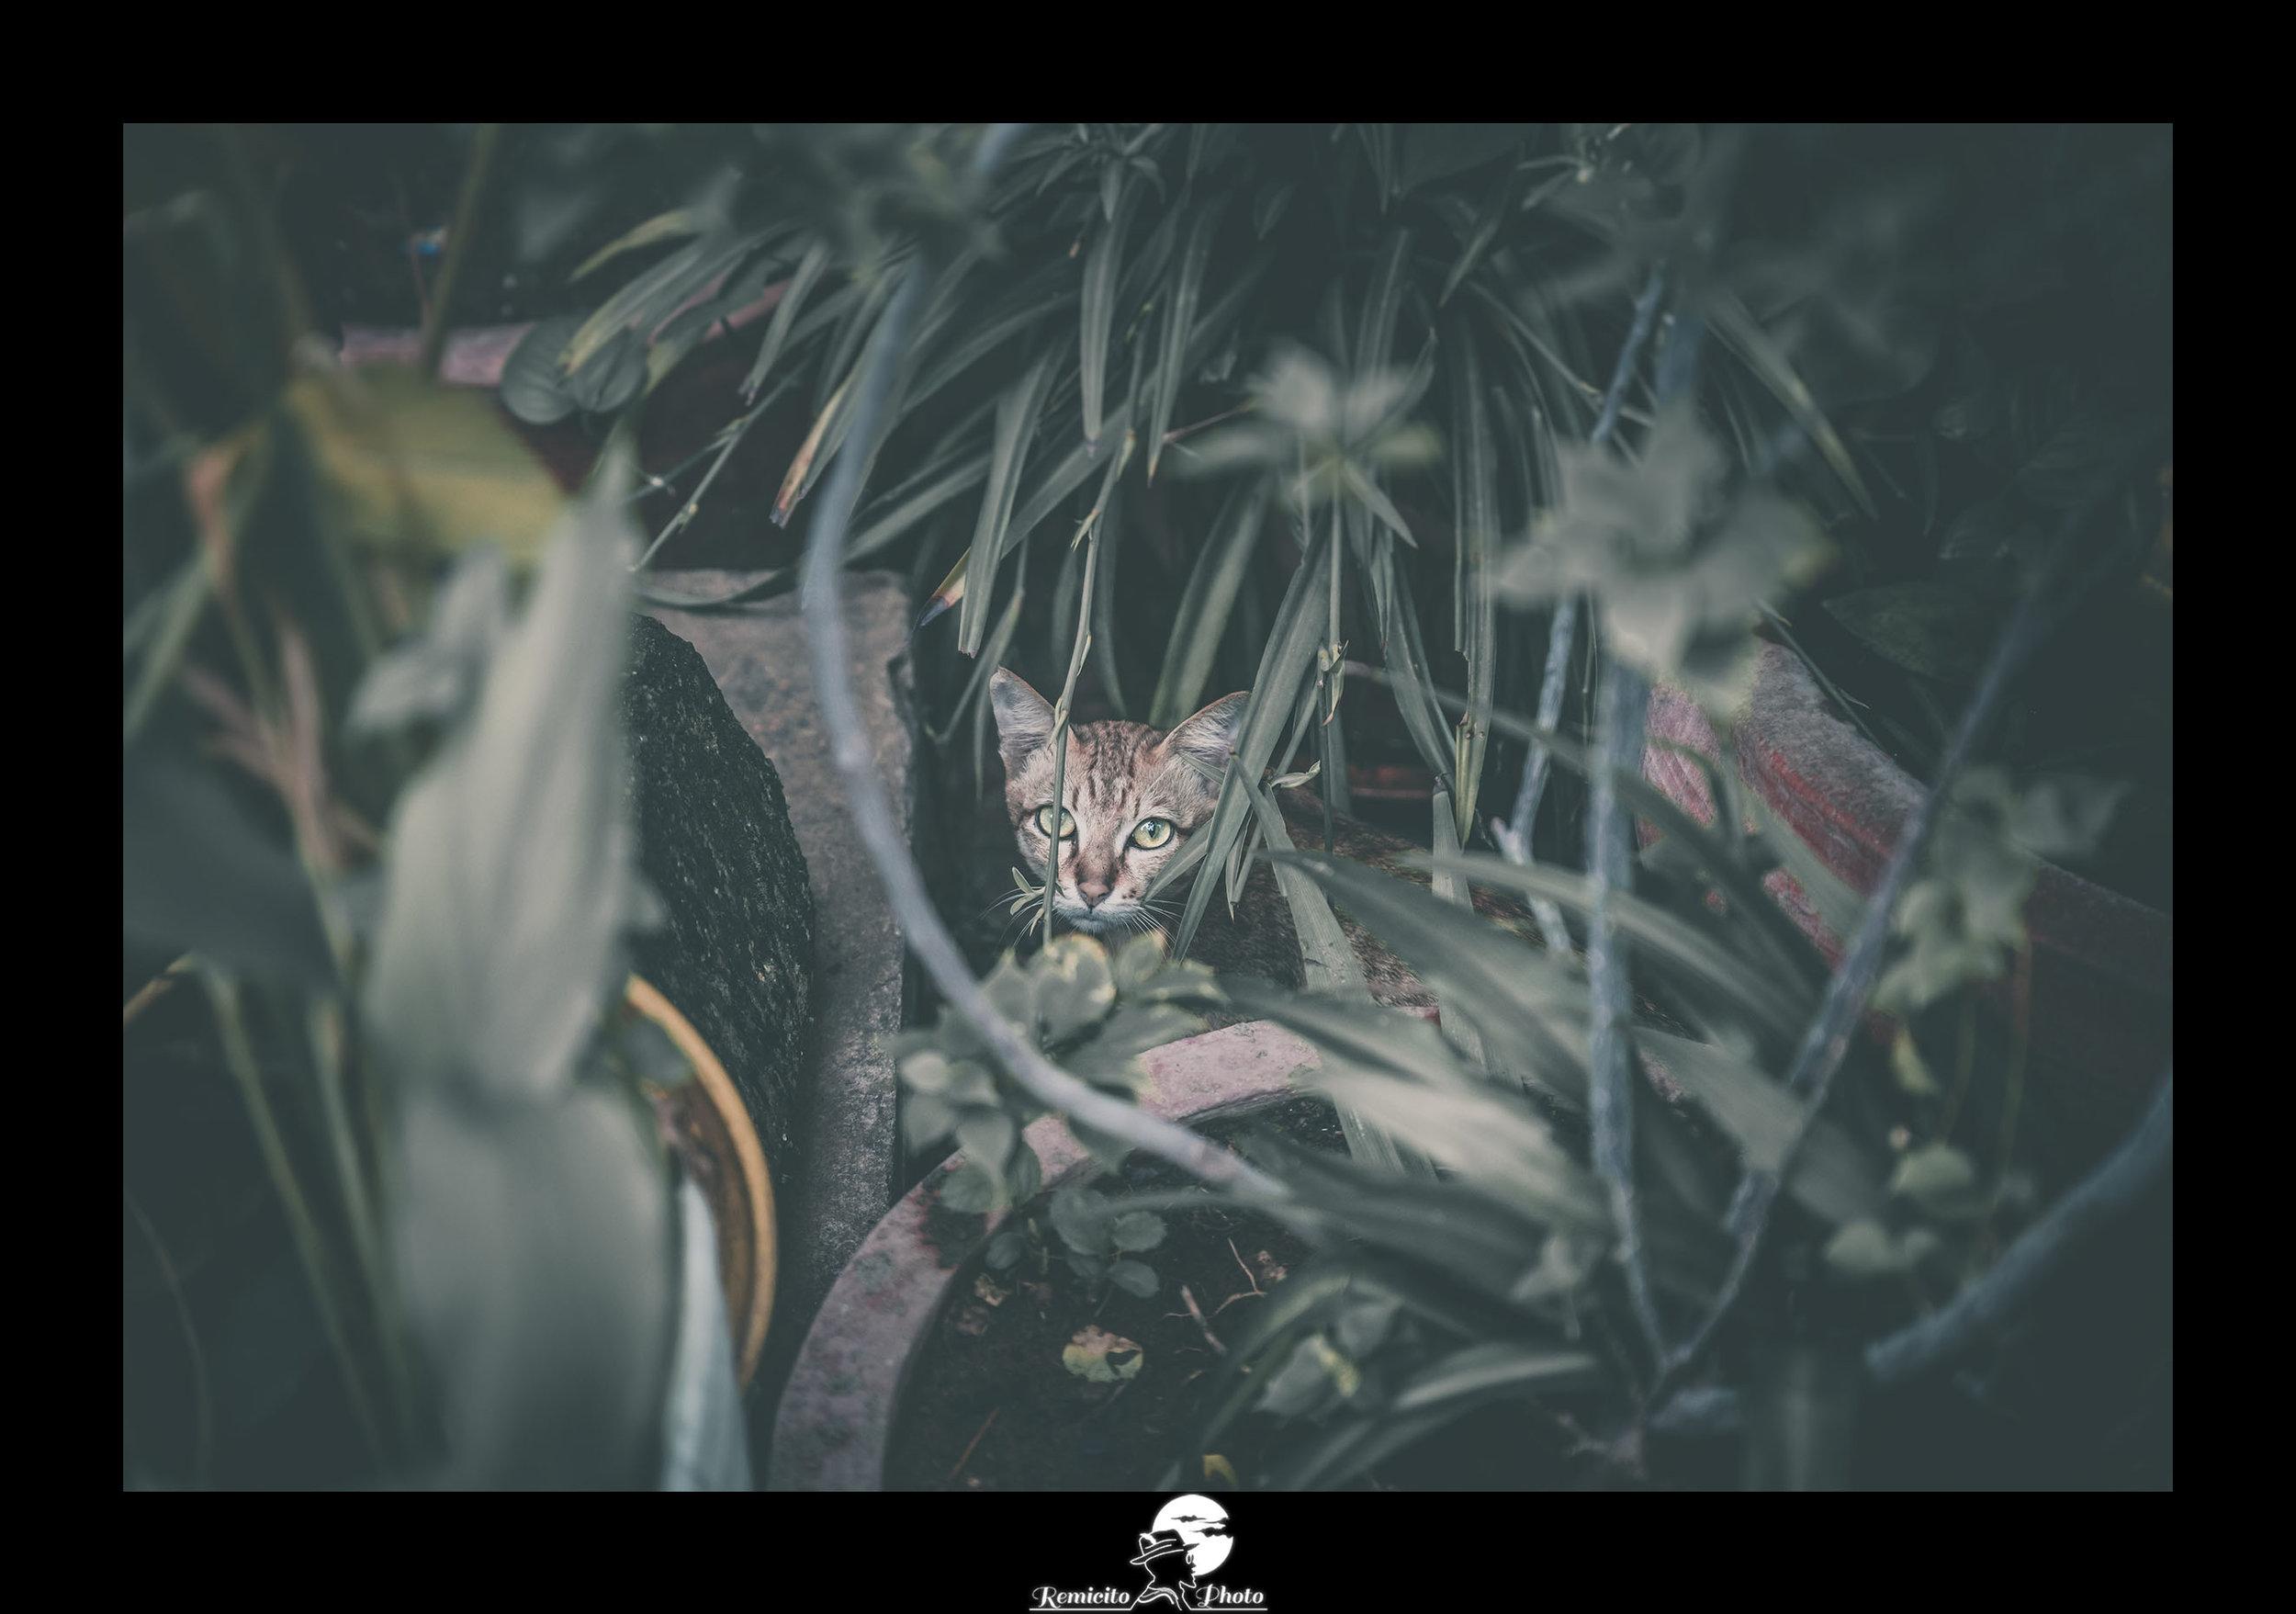 remicito photo, image du jour, photo du jour, photo of the day, cat cambodia, chat cambodge, photo chat plantes, idée cadeau, belle photo